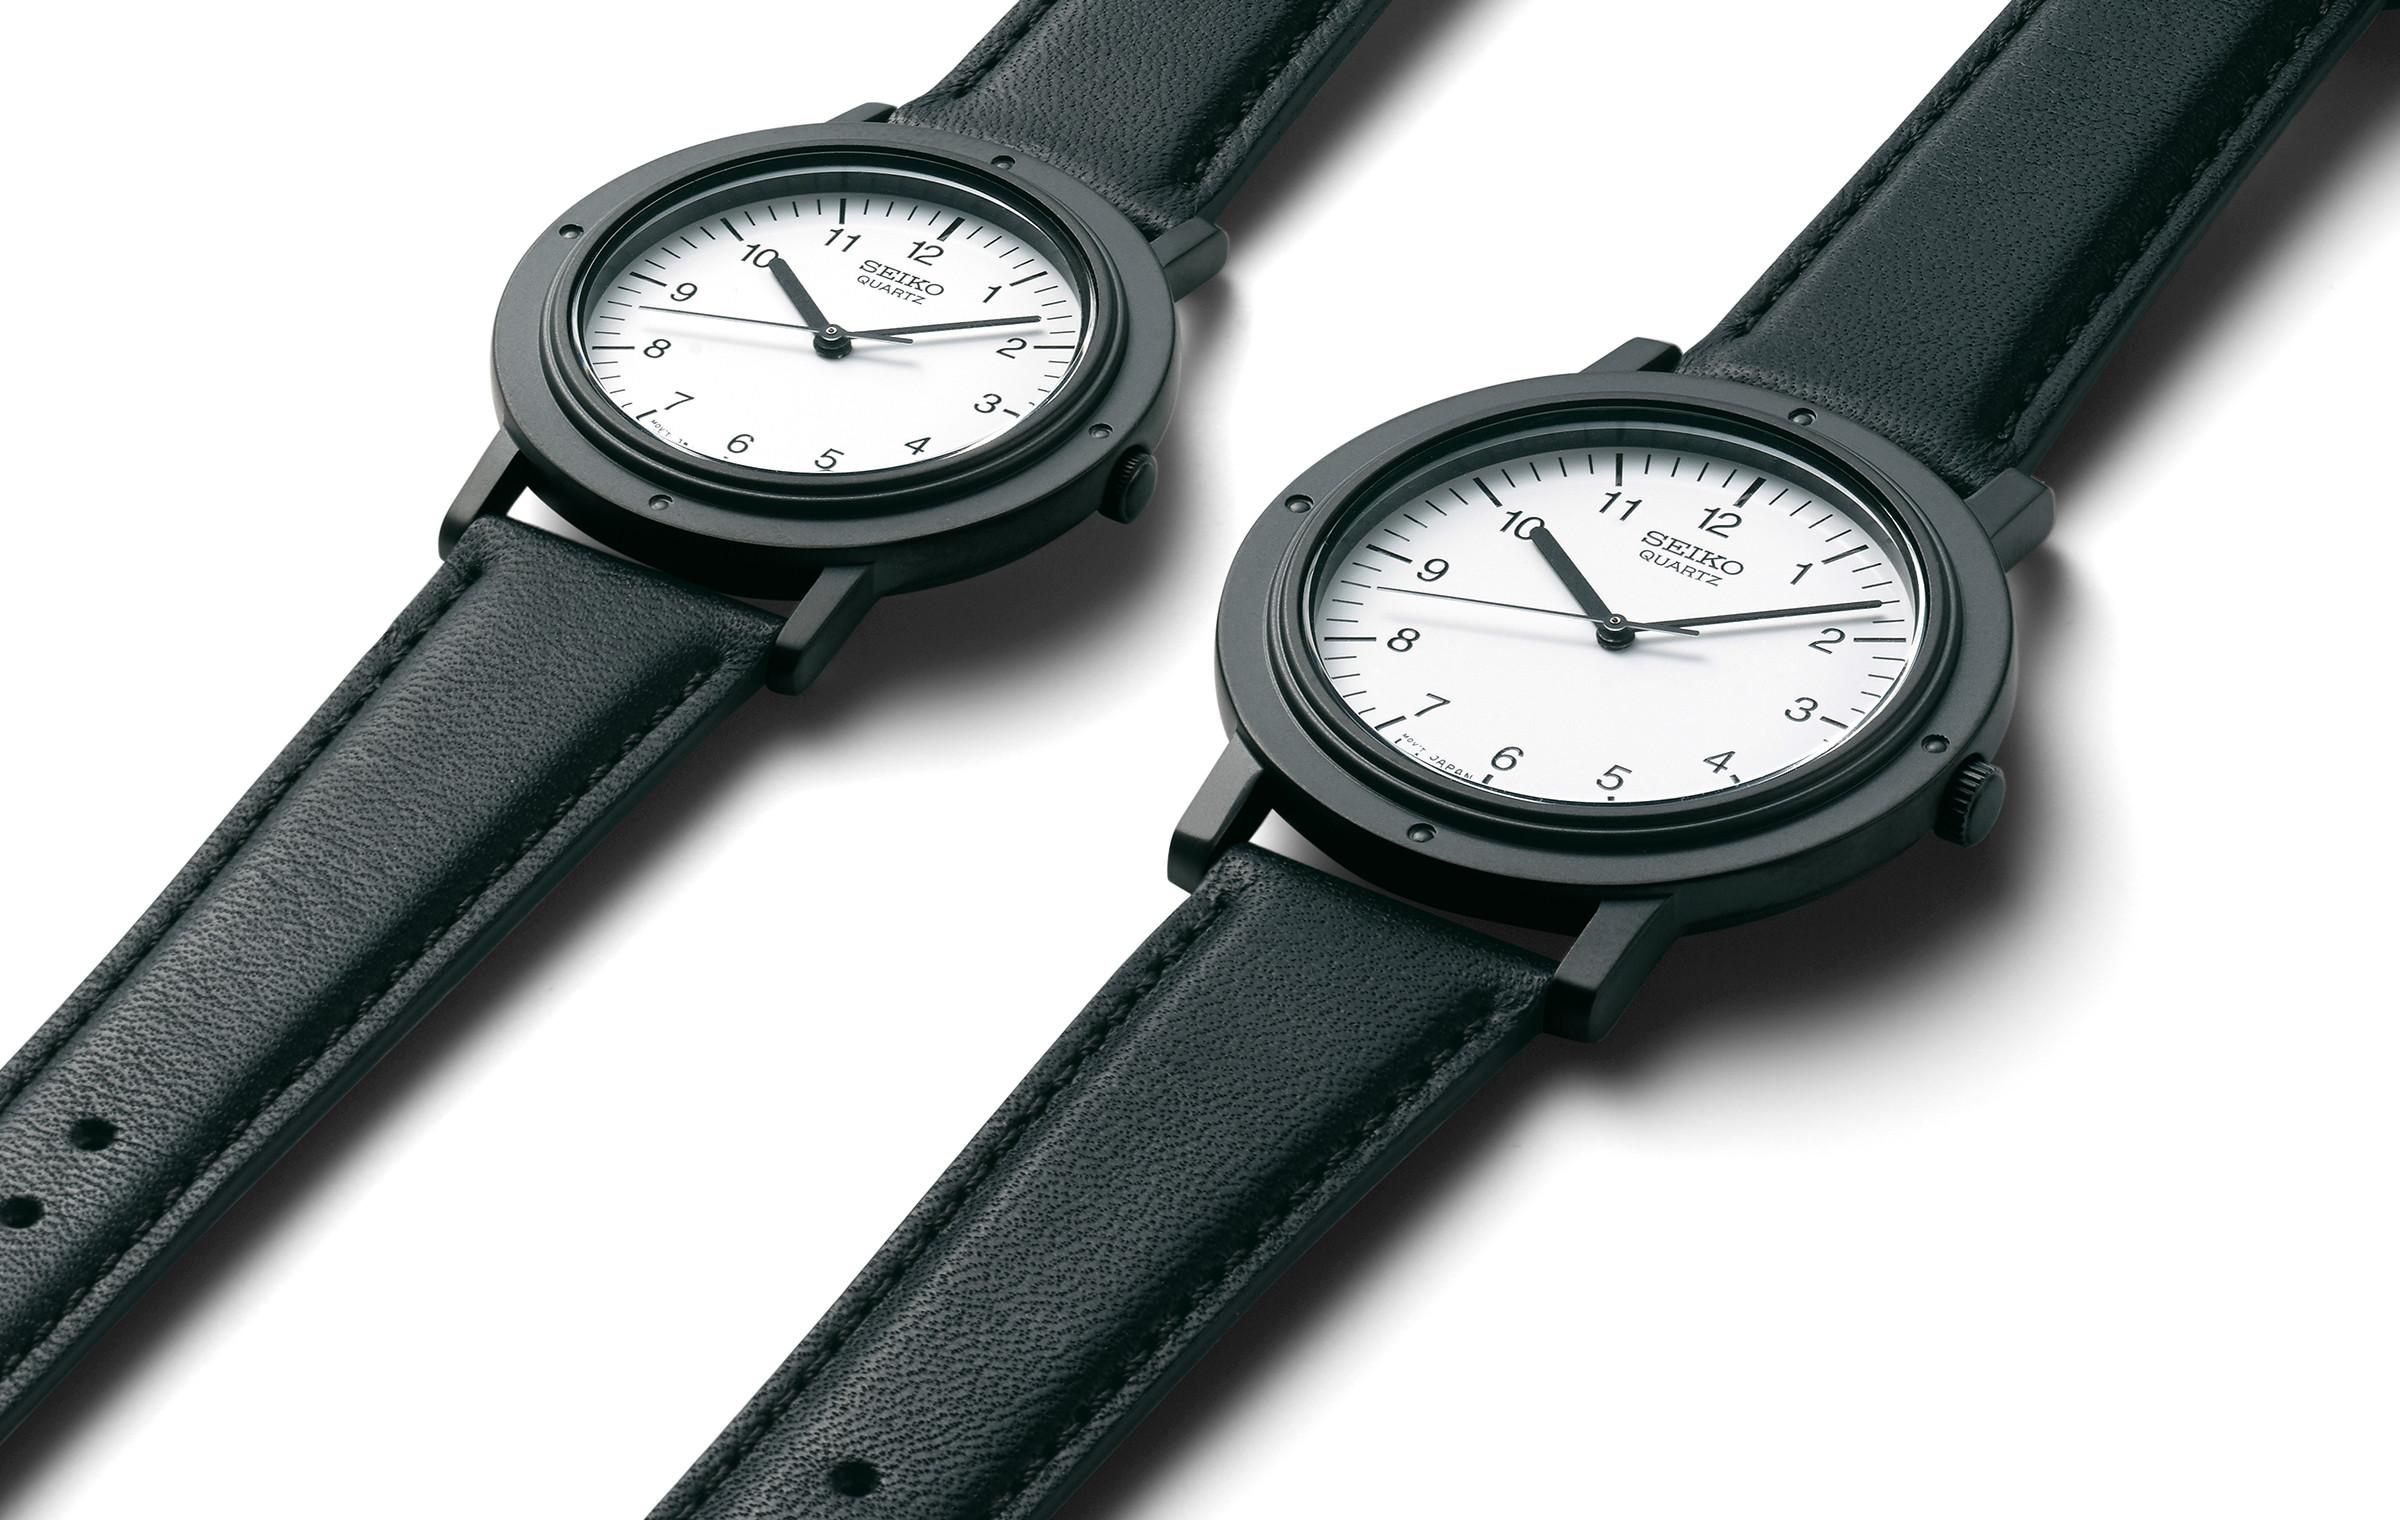 Seiko Jobs horloge